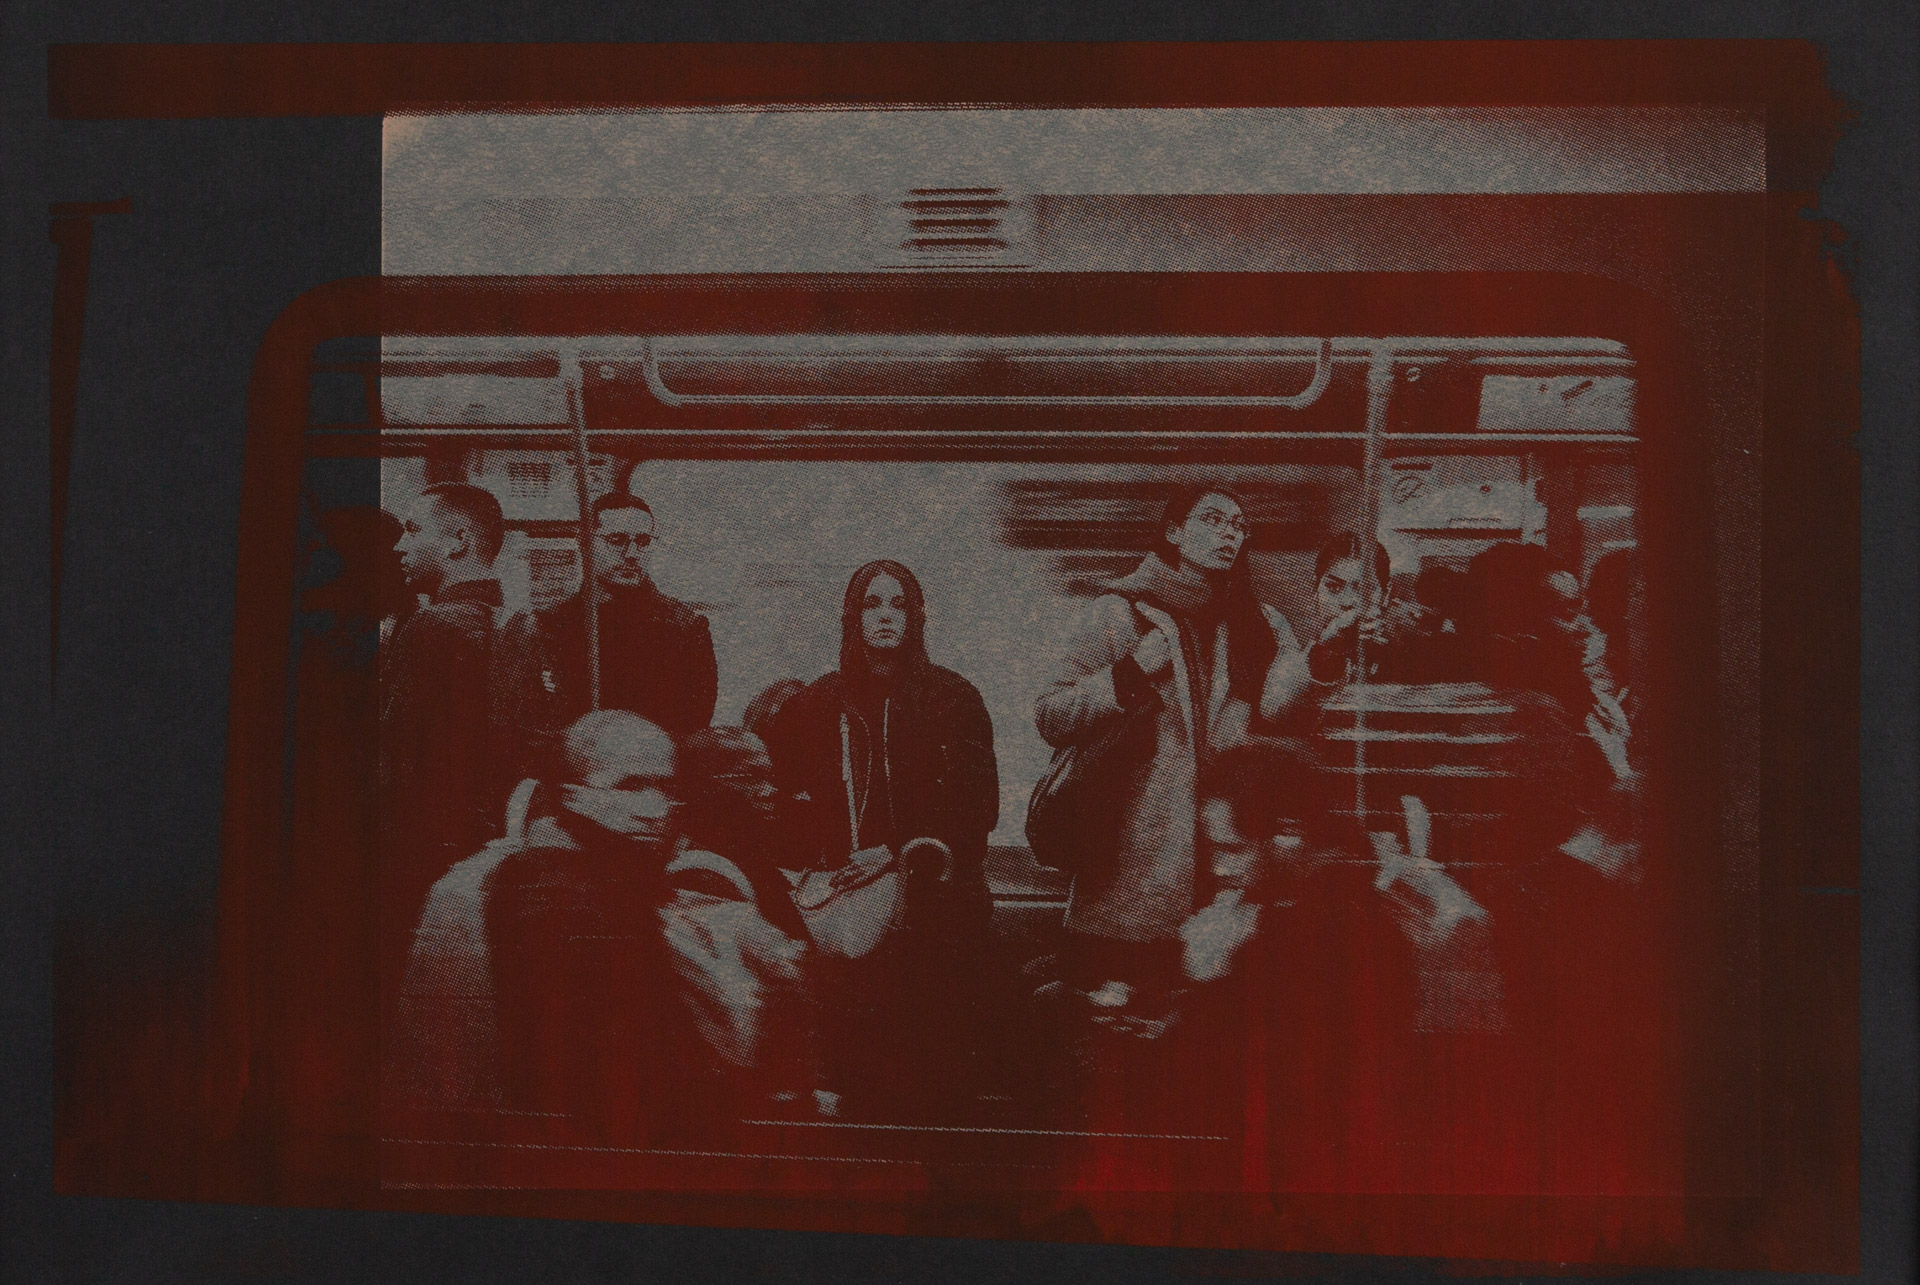 Paris Metro (2019/2020) - Photographic Silkscreen, 6/15, Edition